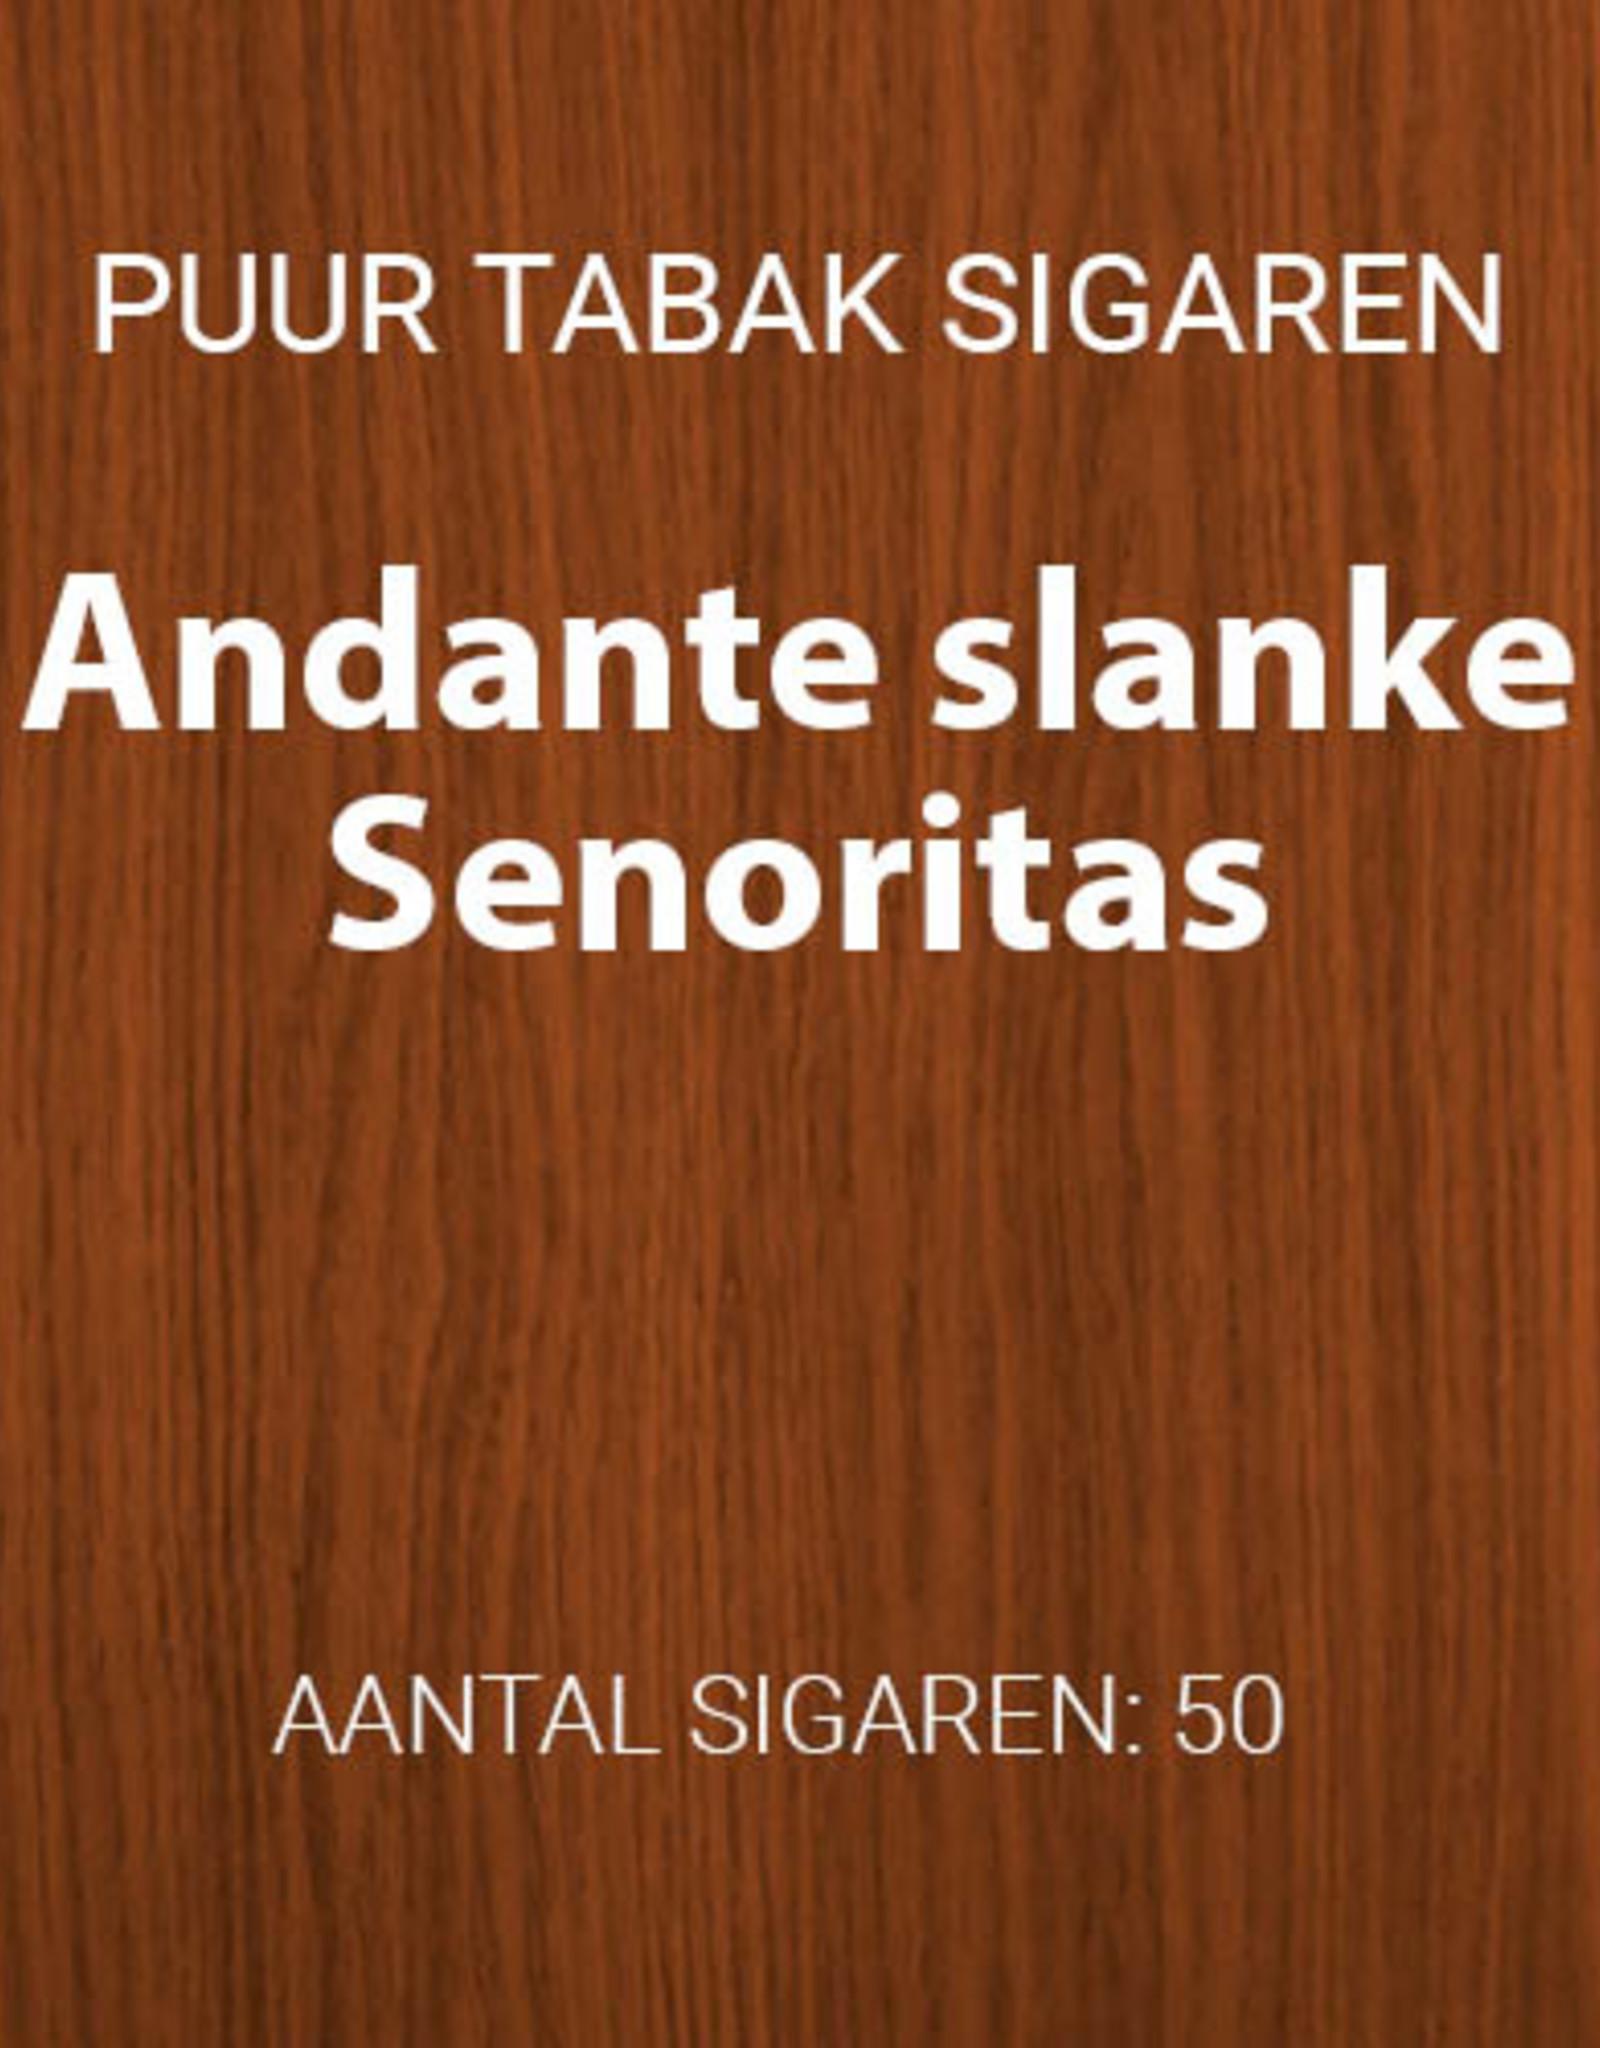 Gouden serie Andante slanke senoritas